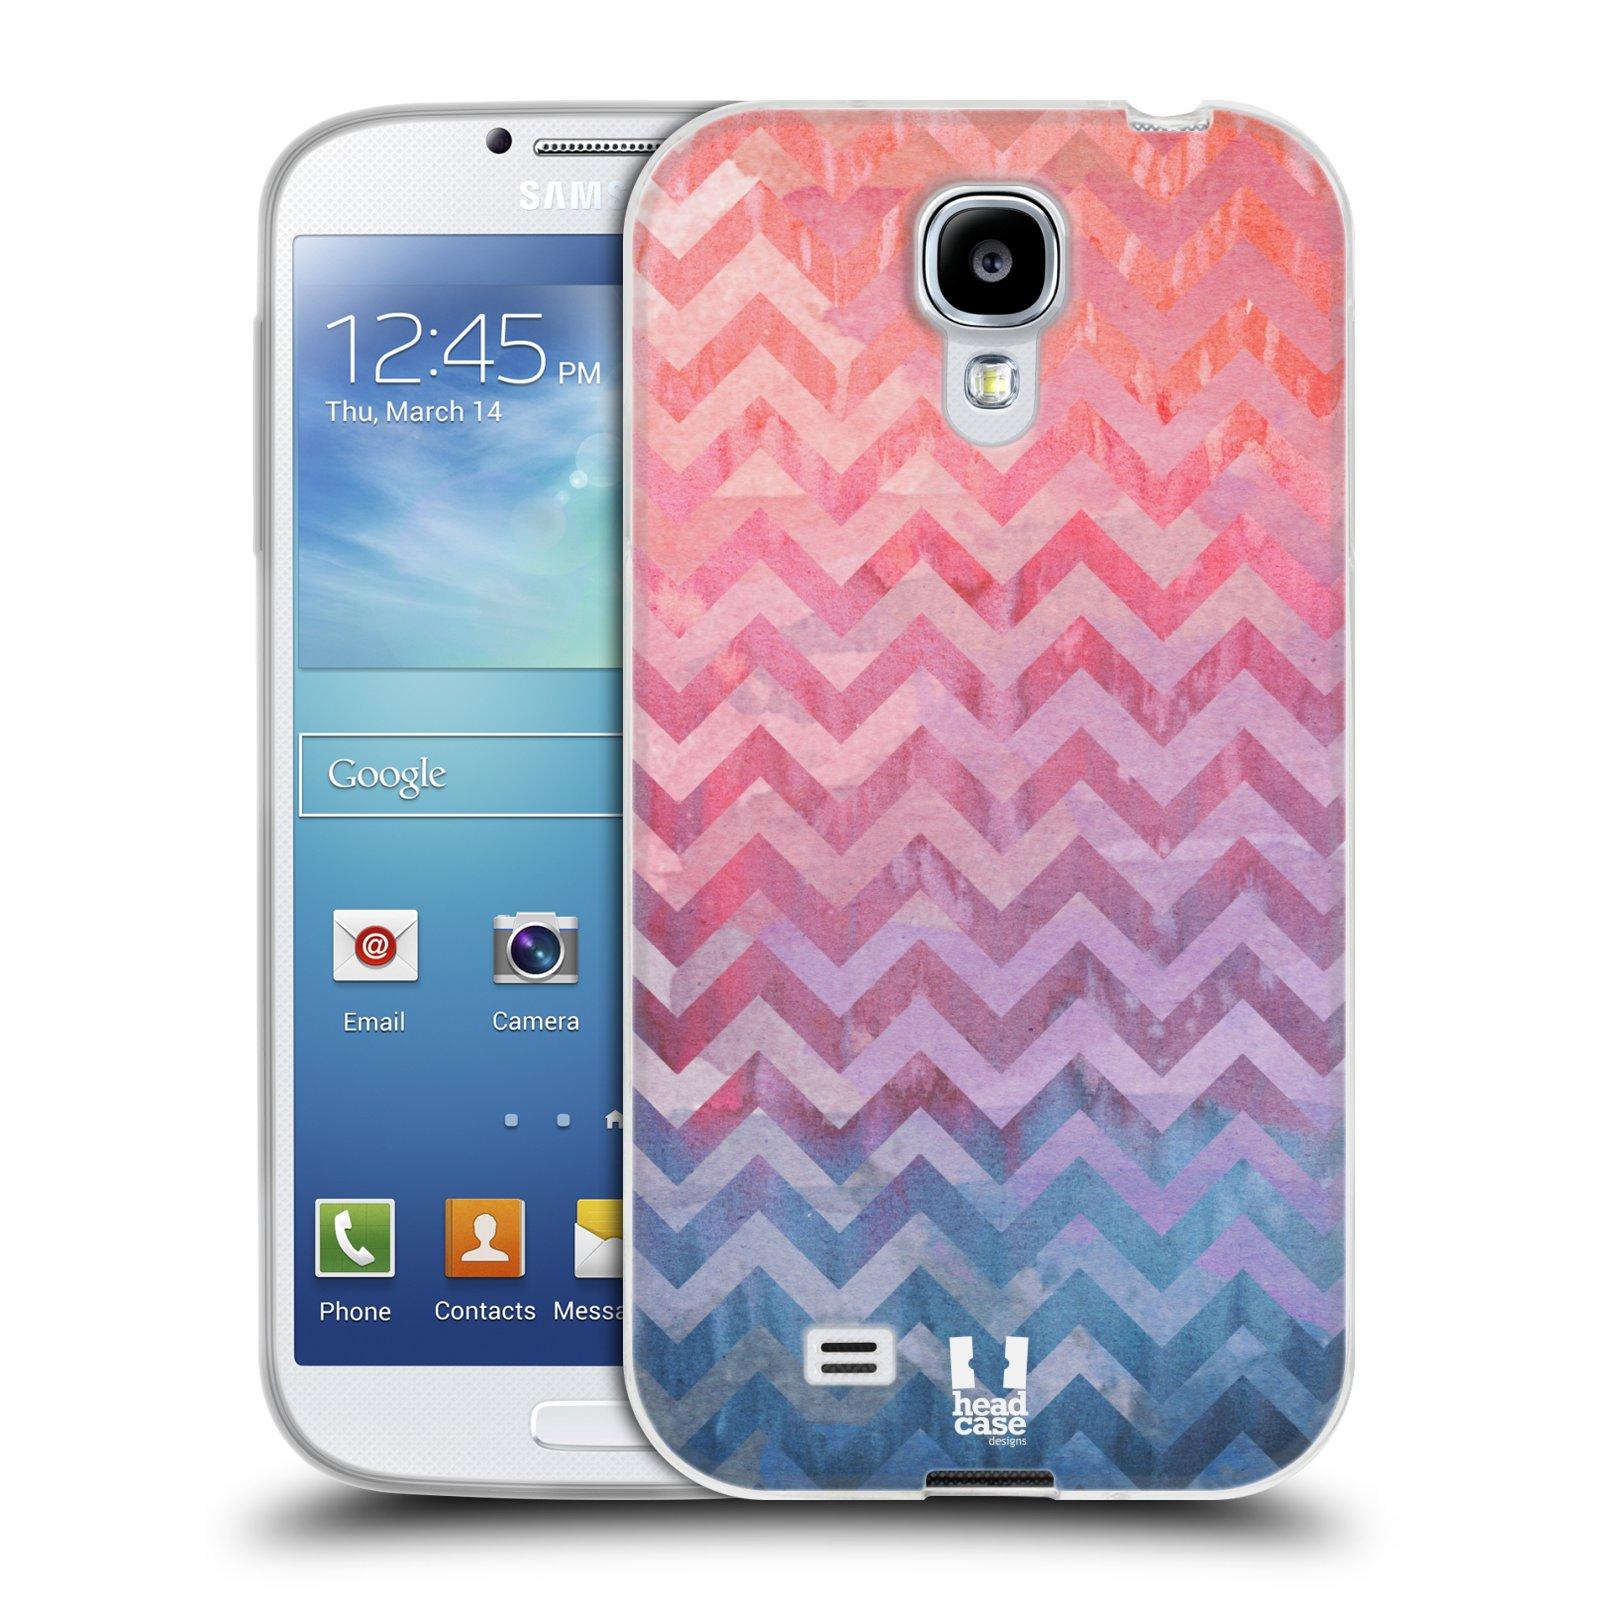 Silikonové pouzdro na mobil Samsung Galaxy S4 HEAD CASE Pink Chevron (Silikonový kryt či obal na mobilní telefon Samsung Galaxy S4 GT-i9505 / i9500)